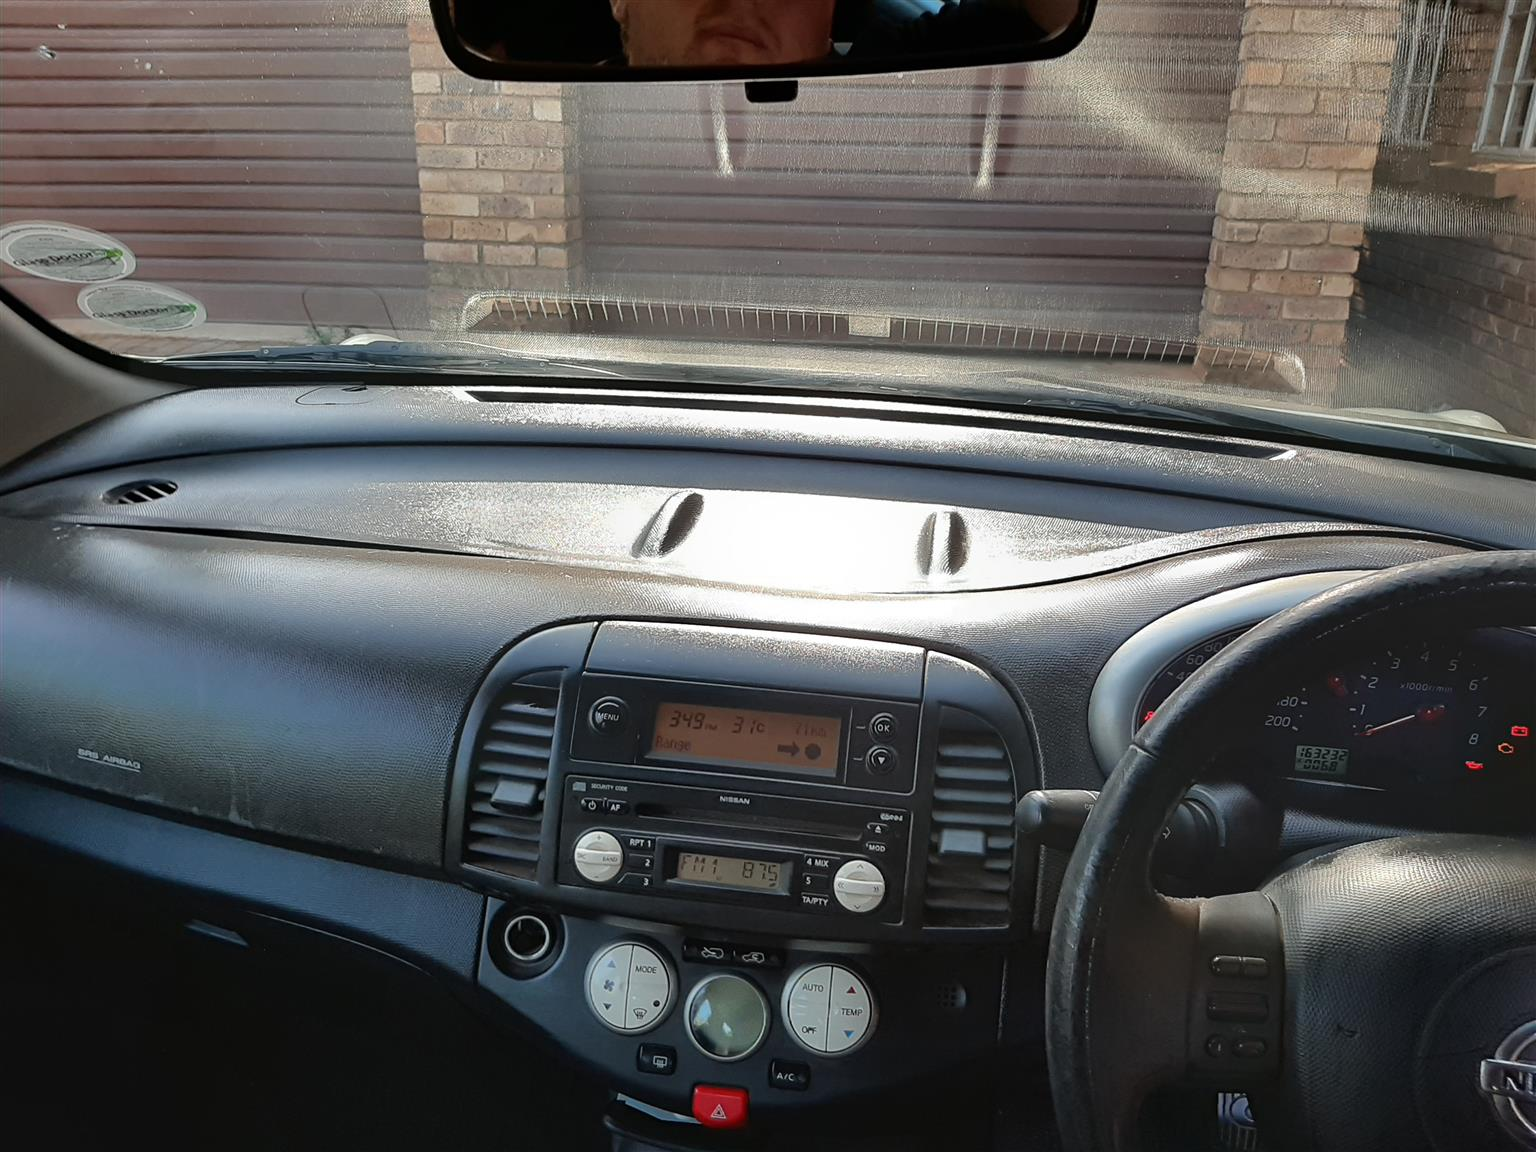 2005 Nissan Micra 1.4 5 door Comfort